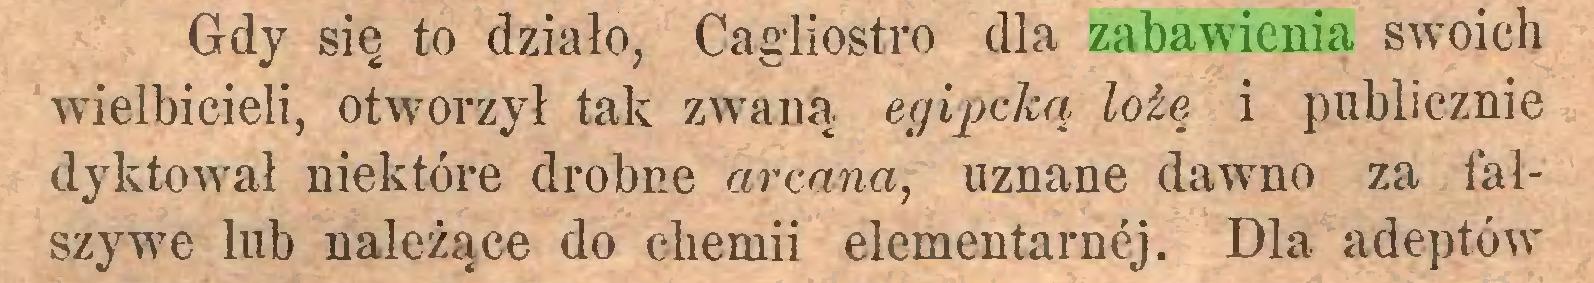 (...) Gdy się to działo, Cagliostro dla zabawienia swoich wielbicieli, otworzył tak zwaną egipcką lożę i publicznie dyktował niektóre drobne arcana, uznane dawno za fałszywe lub należące do chemii elementarnej. Dla adeptów...